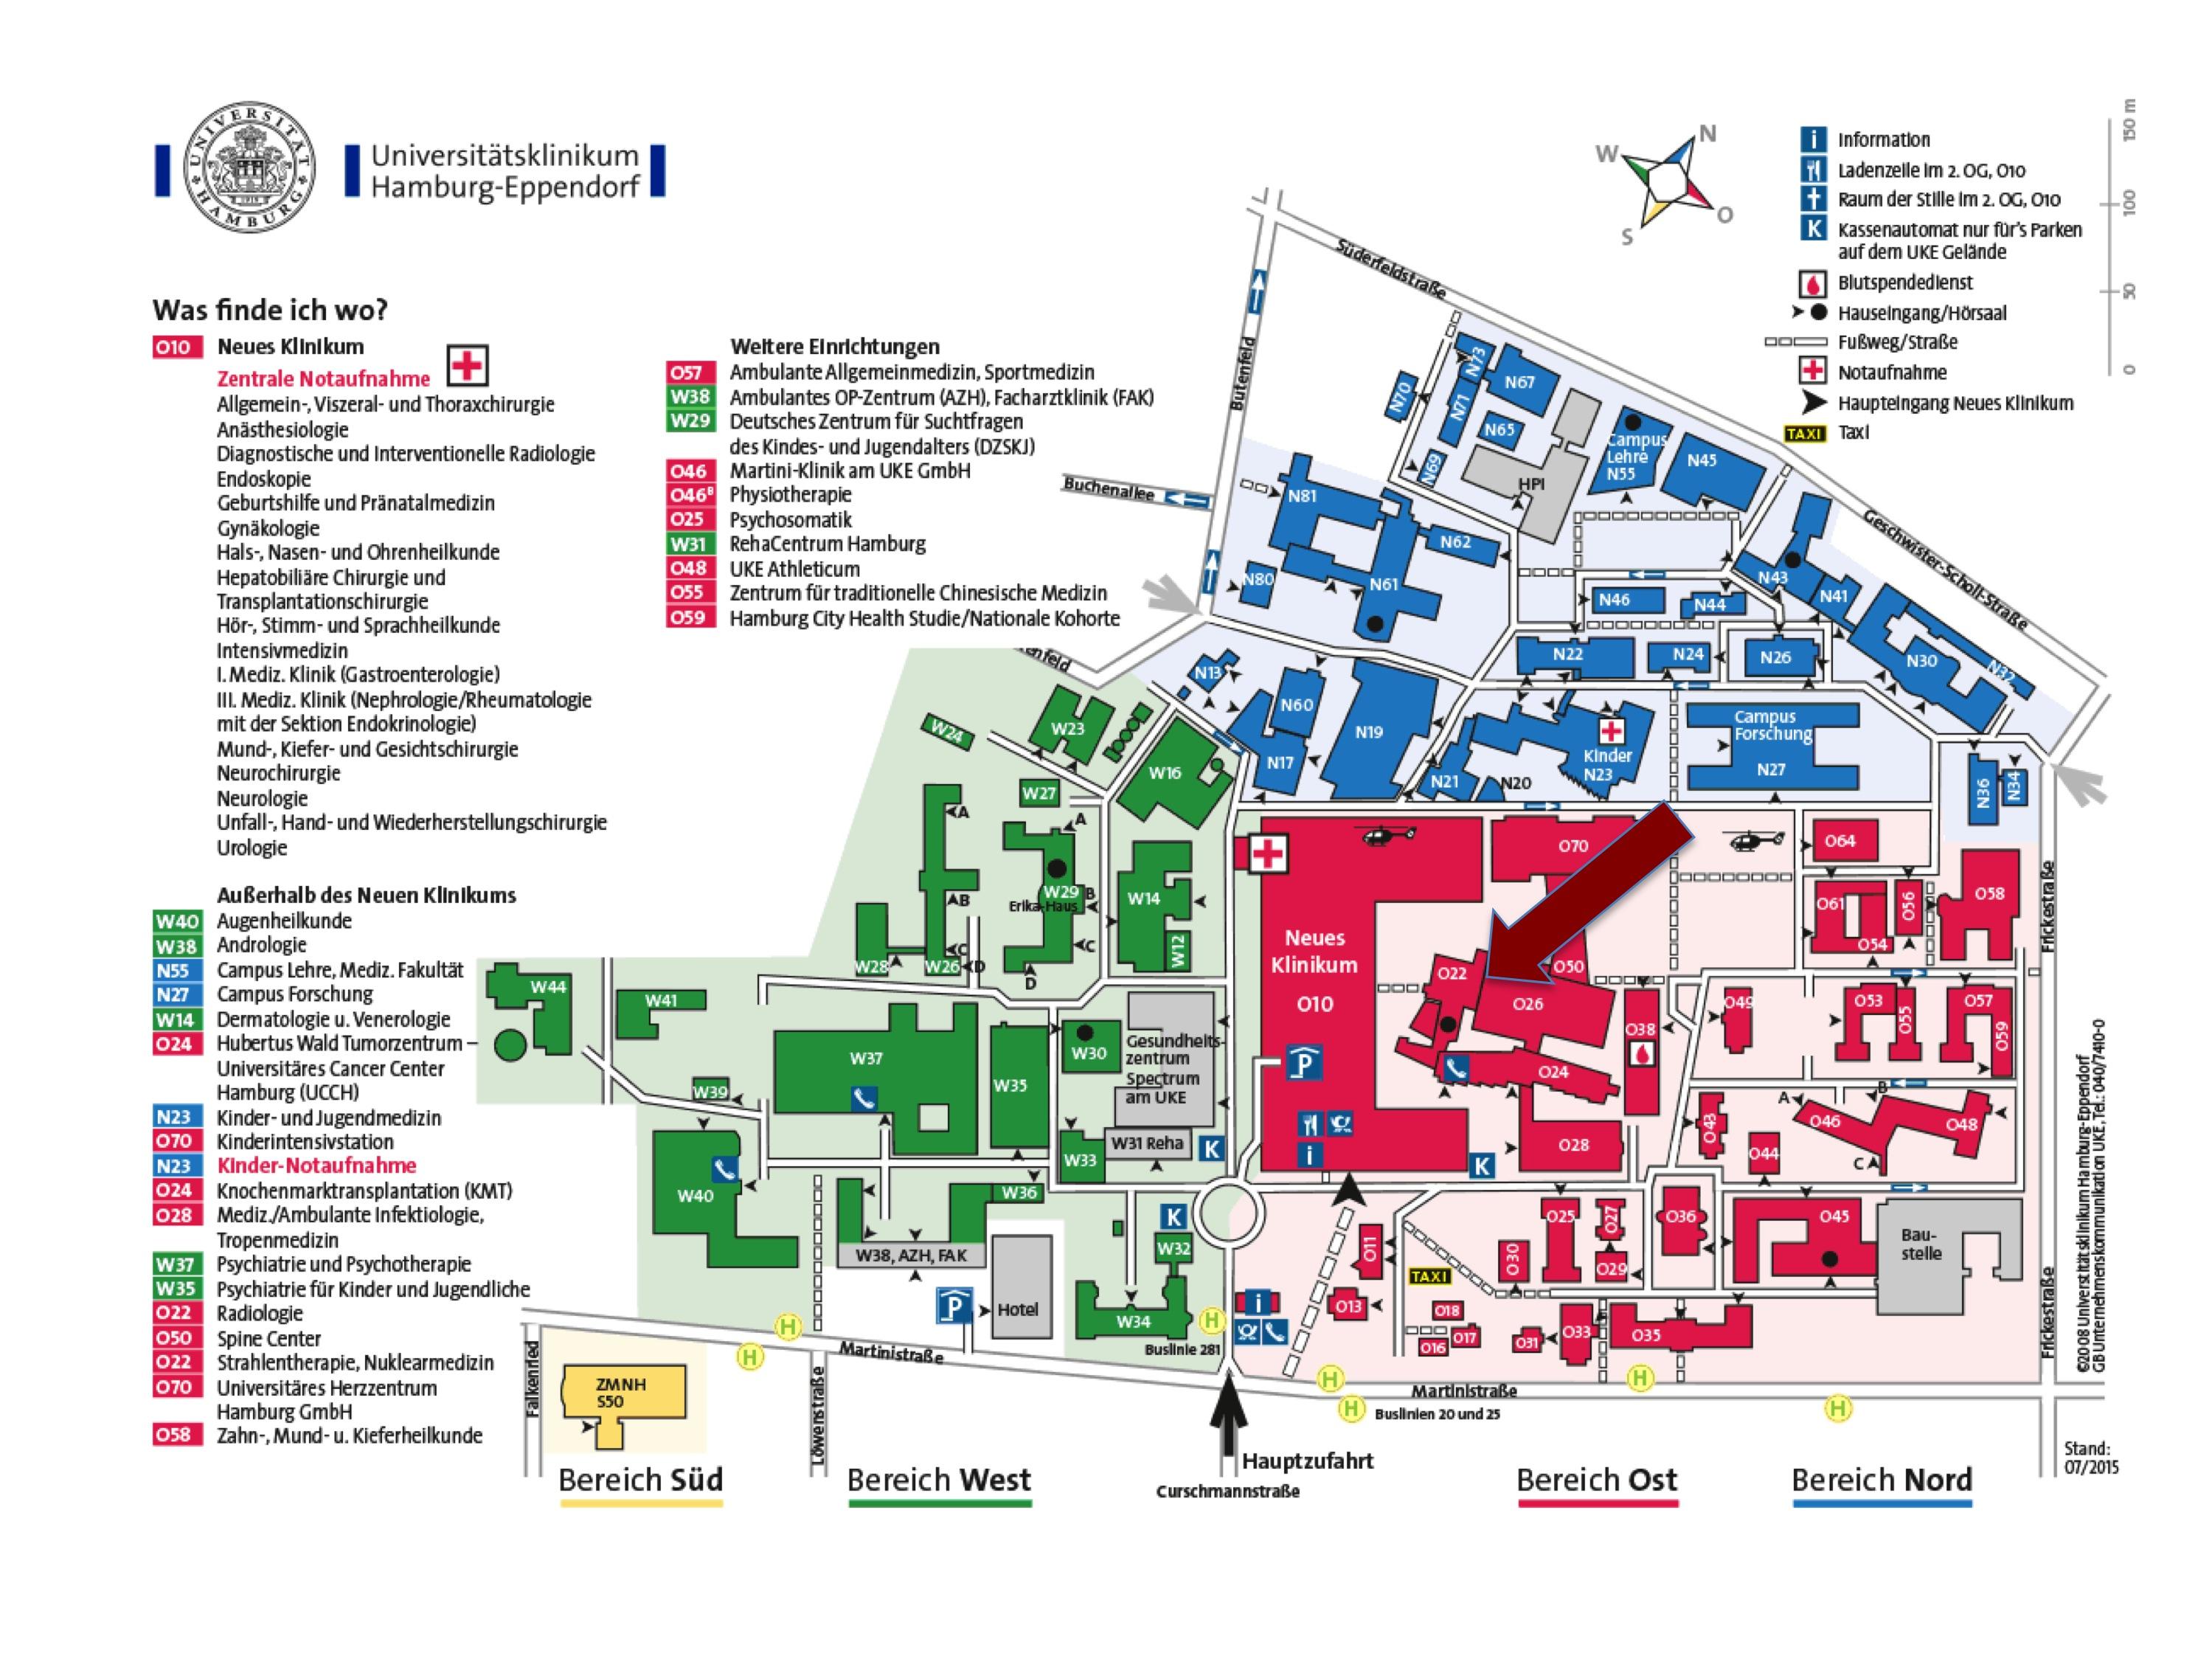 UKE - Centrum für interdisziplinäre Herzbildgebung - Über das Centrum